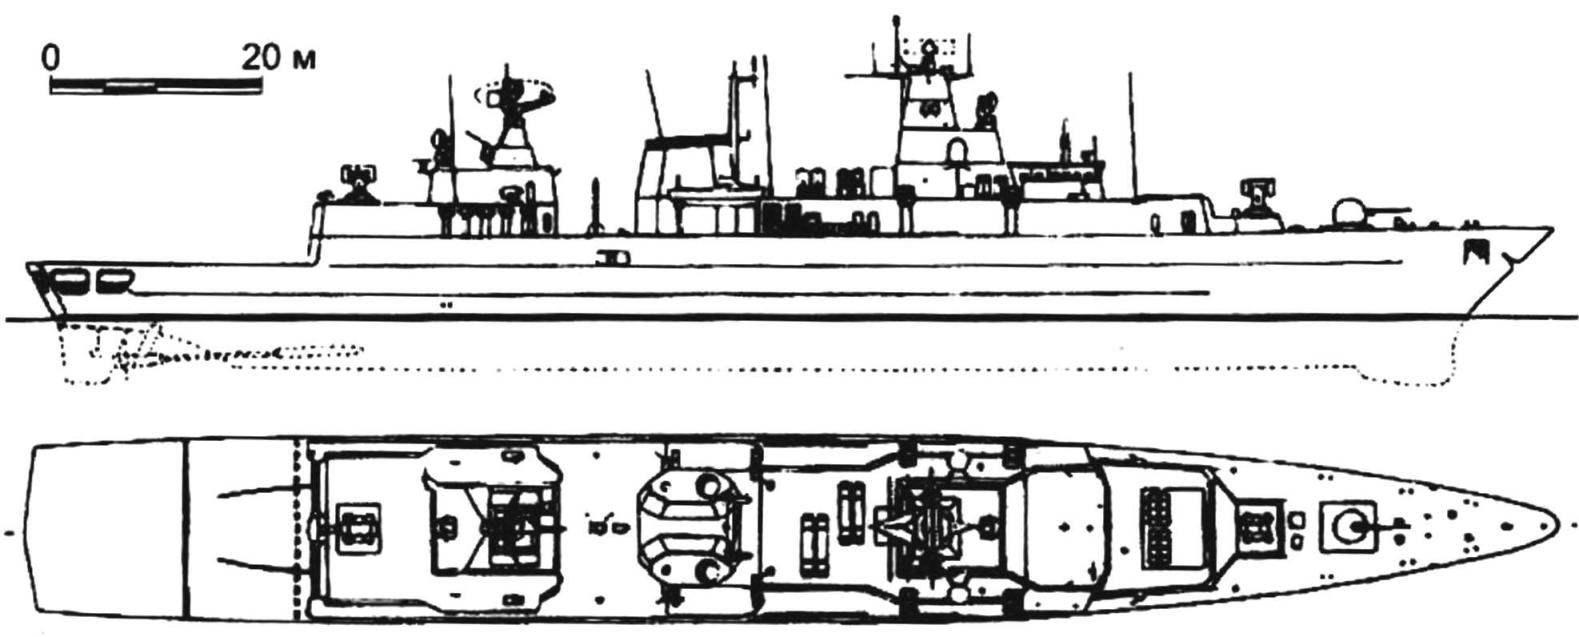 98. Frigate